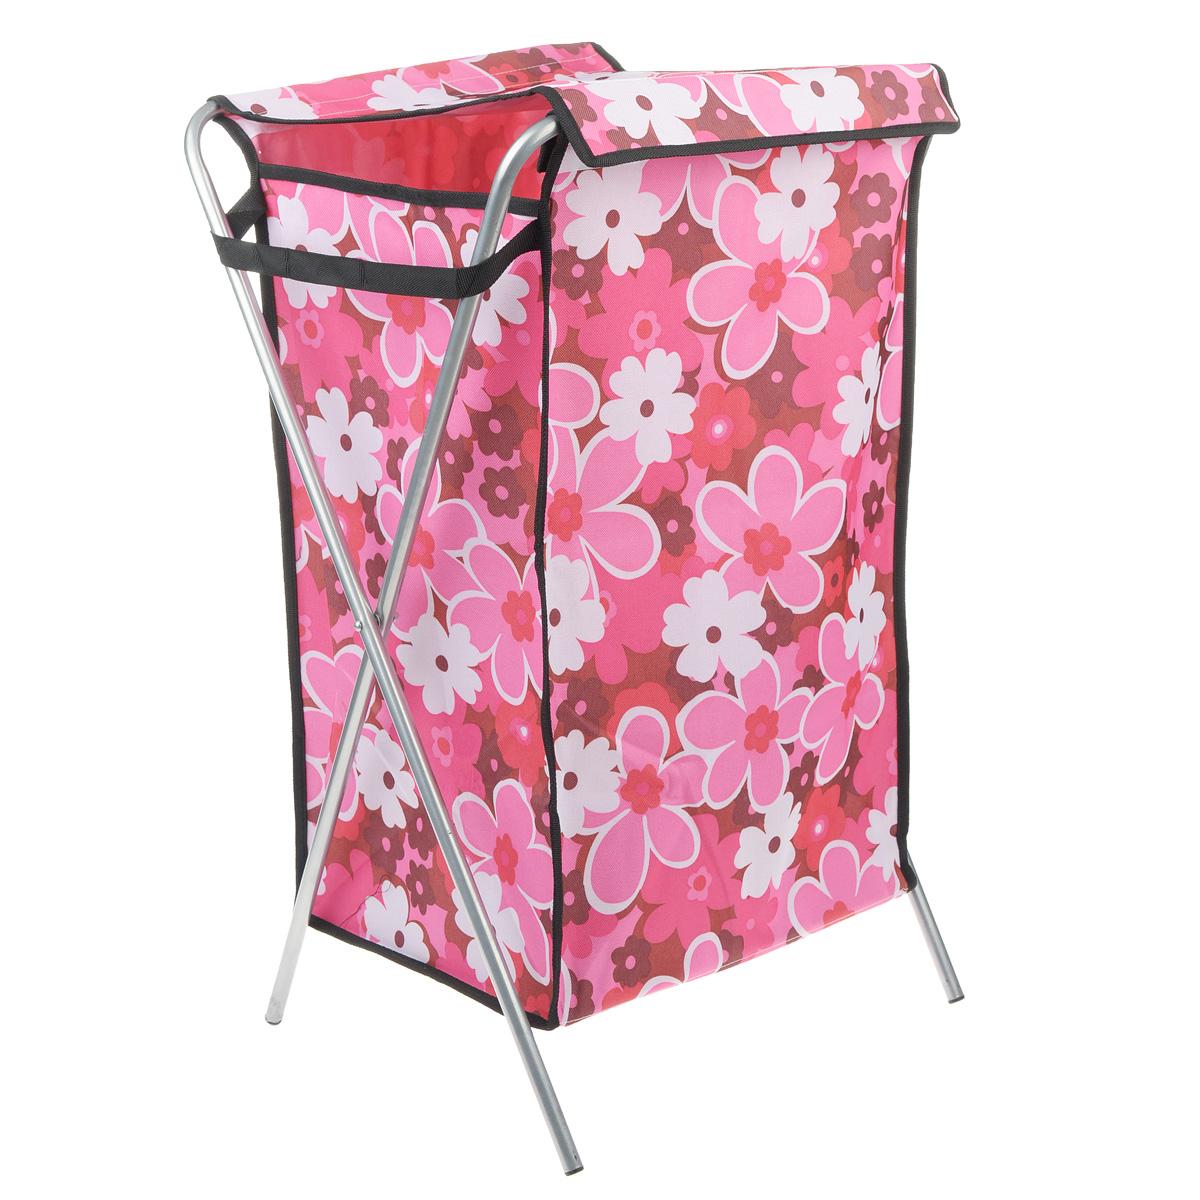 Корзина для белья Цветы, цвет: розовый, 40 см х 40 см х 65 см531-105Корзина для белья изготовлена из высококачественного цветного полиэстера, декорирована ярким красочным рисунком и предназначена для сбора и хранения вещей перед стиркой. Корзина имеет алюминиевый складывающийся каркас. Компактная и легкая, она не занимает много места, аккуратно хранит белье. Изделие оснащено крышкой из полиэстера. Такая корзина станет незаменимым аксессуаром ванной комнаты.